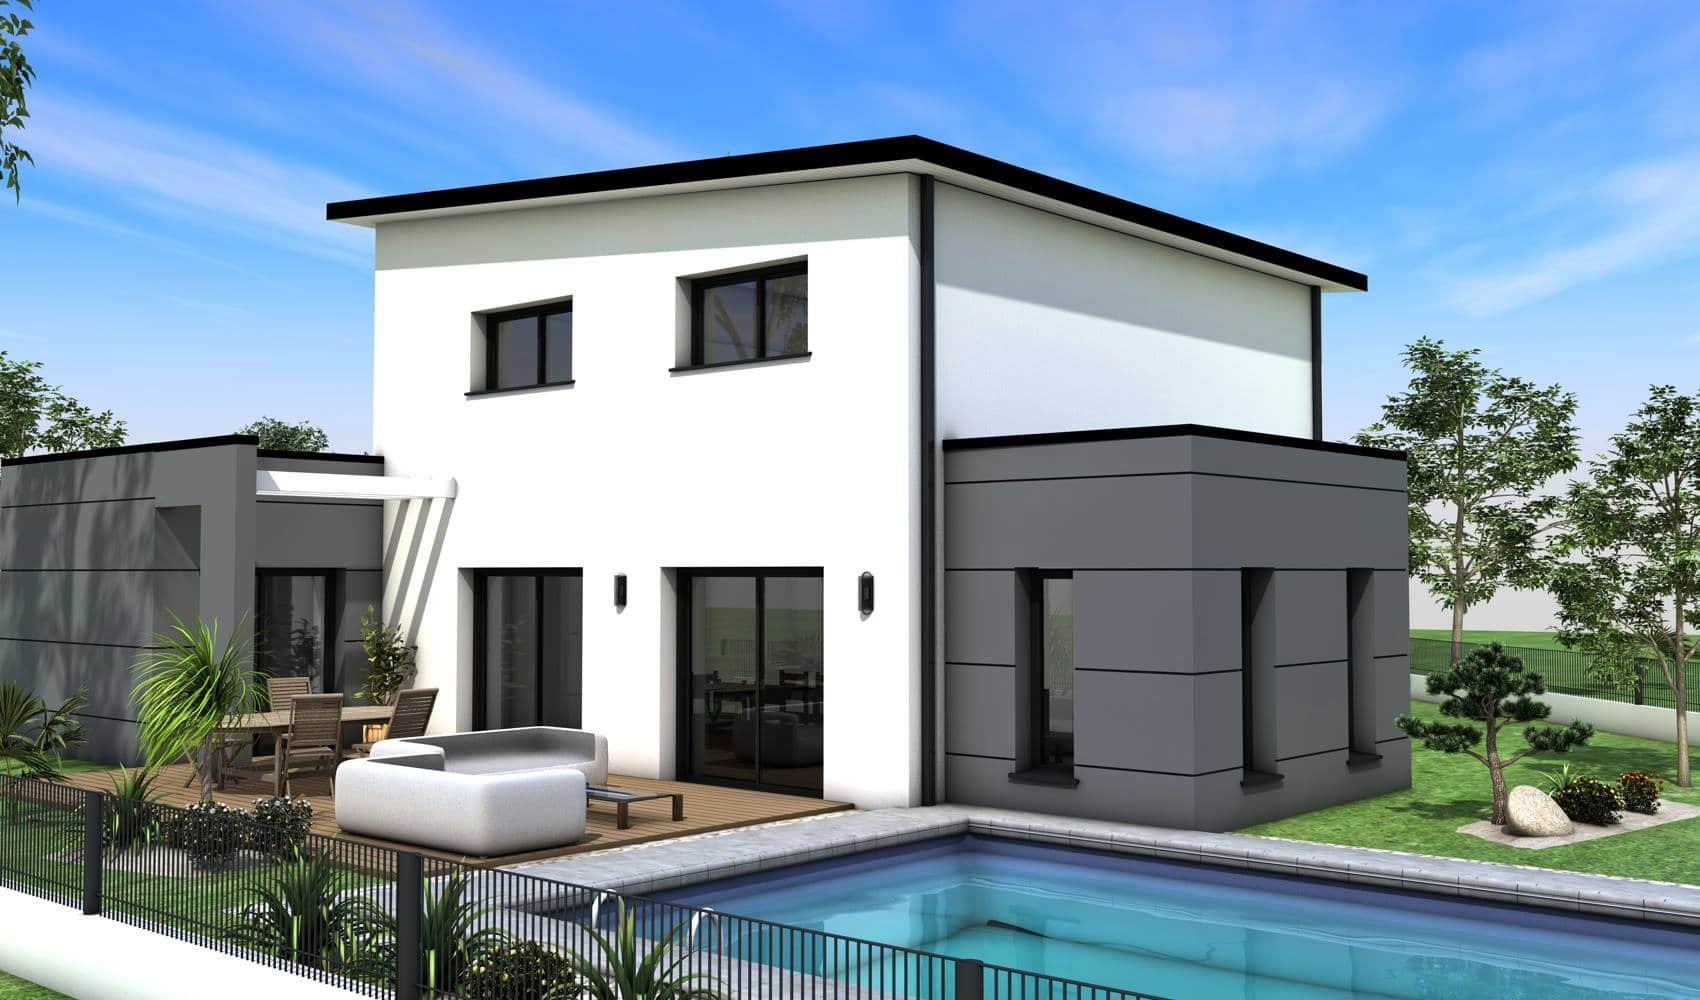 3 exemples de maisons à connaître avant de construire la vôtre